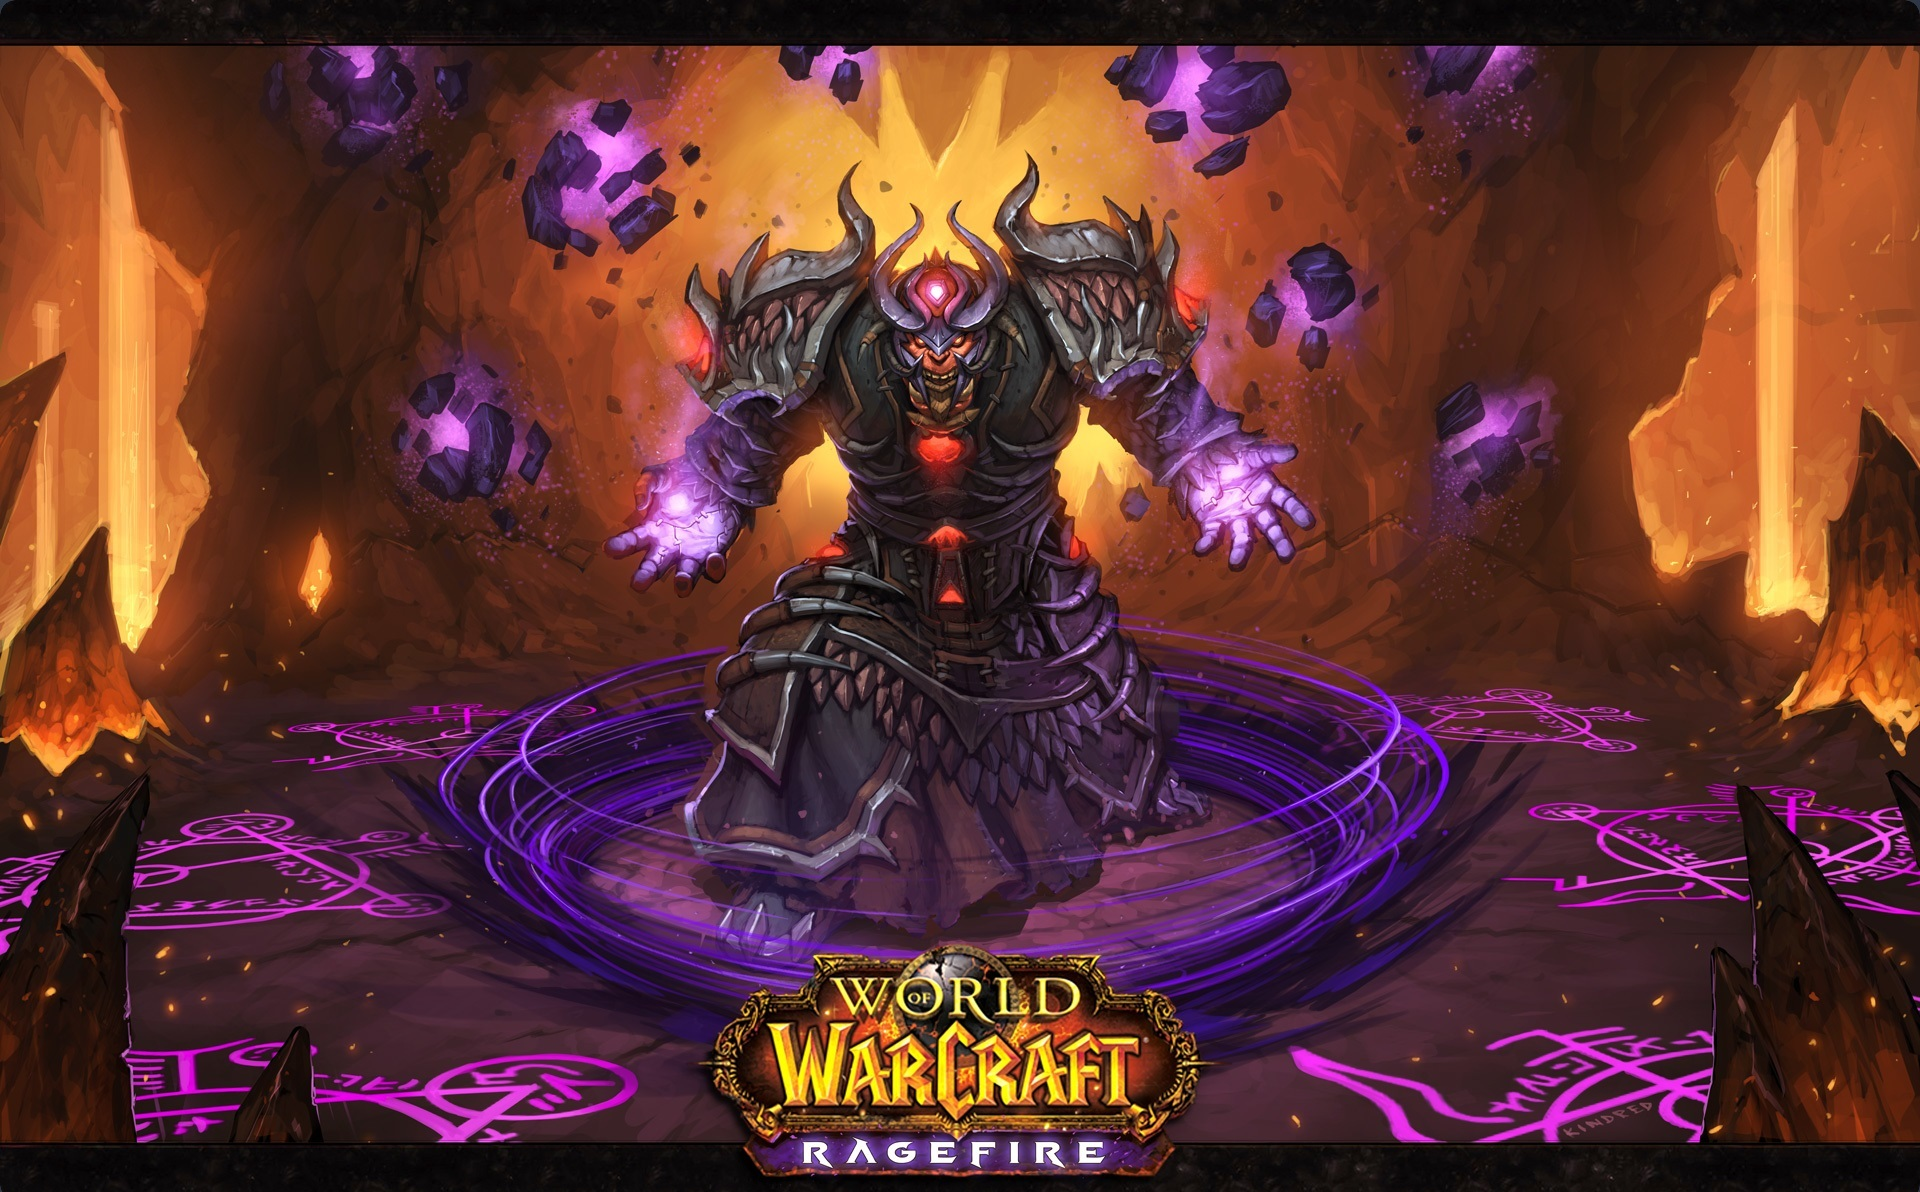 Free Download Wallpaper World Of Warcraft Ragefire Shaman Ork